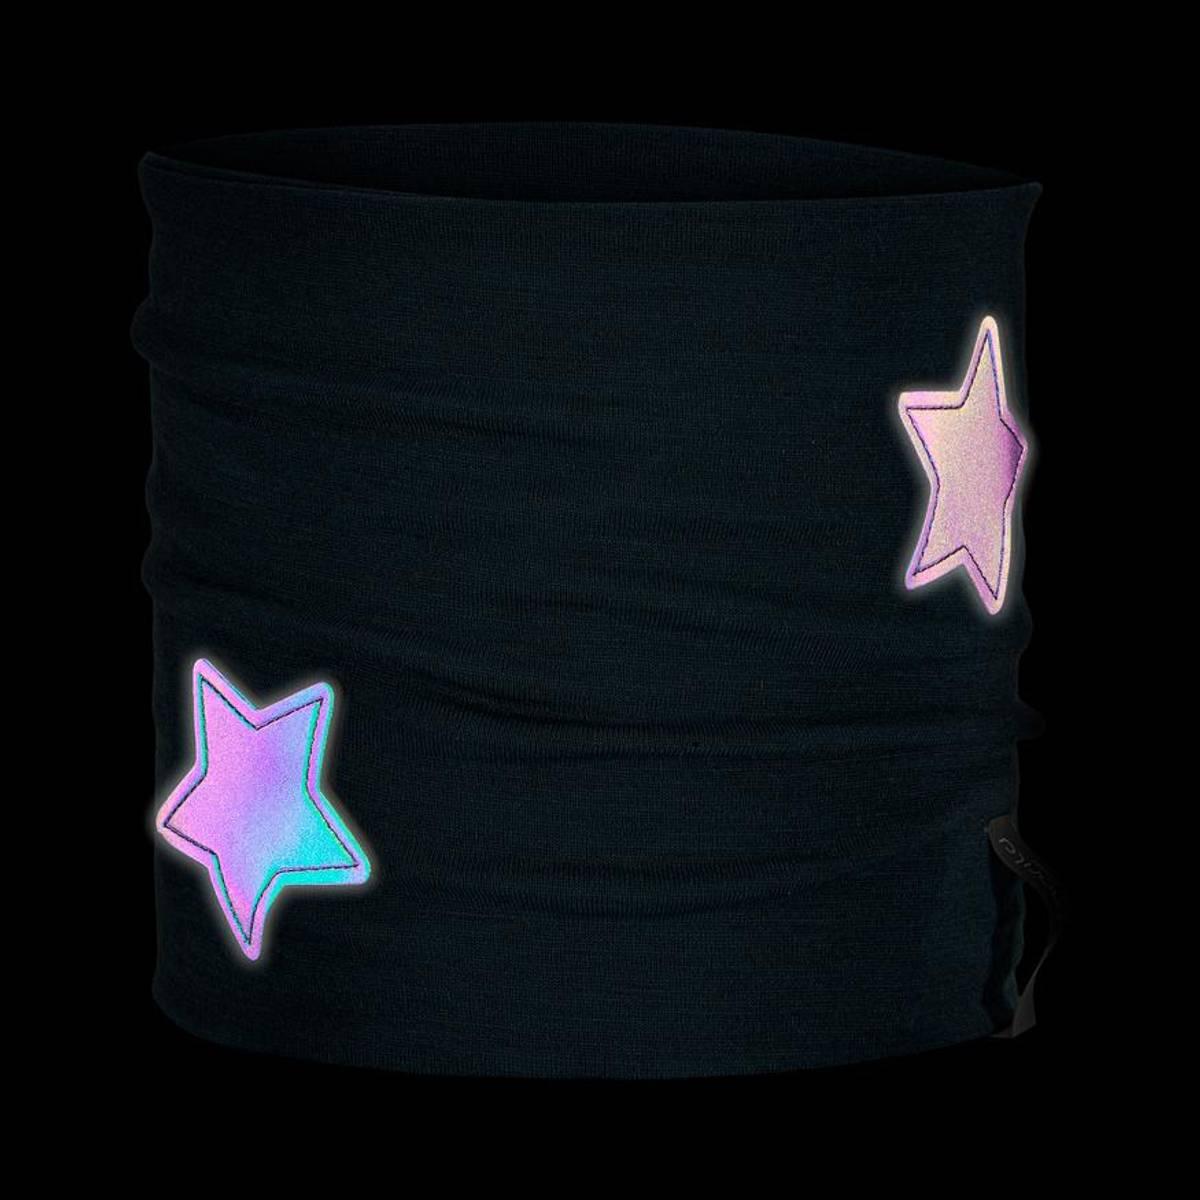 Morild Nordstjerne hals med refleks, midnattsblå